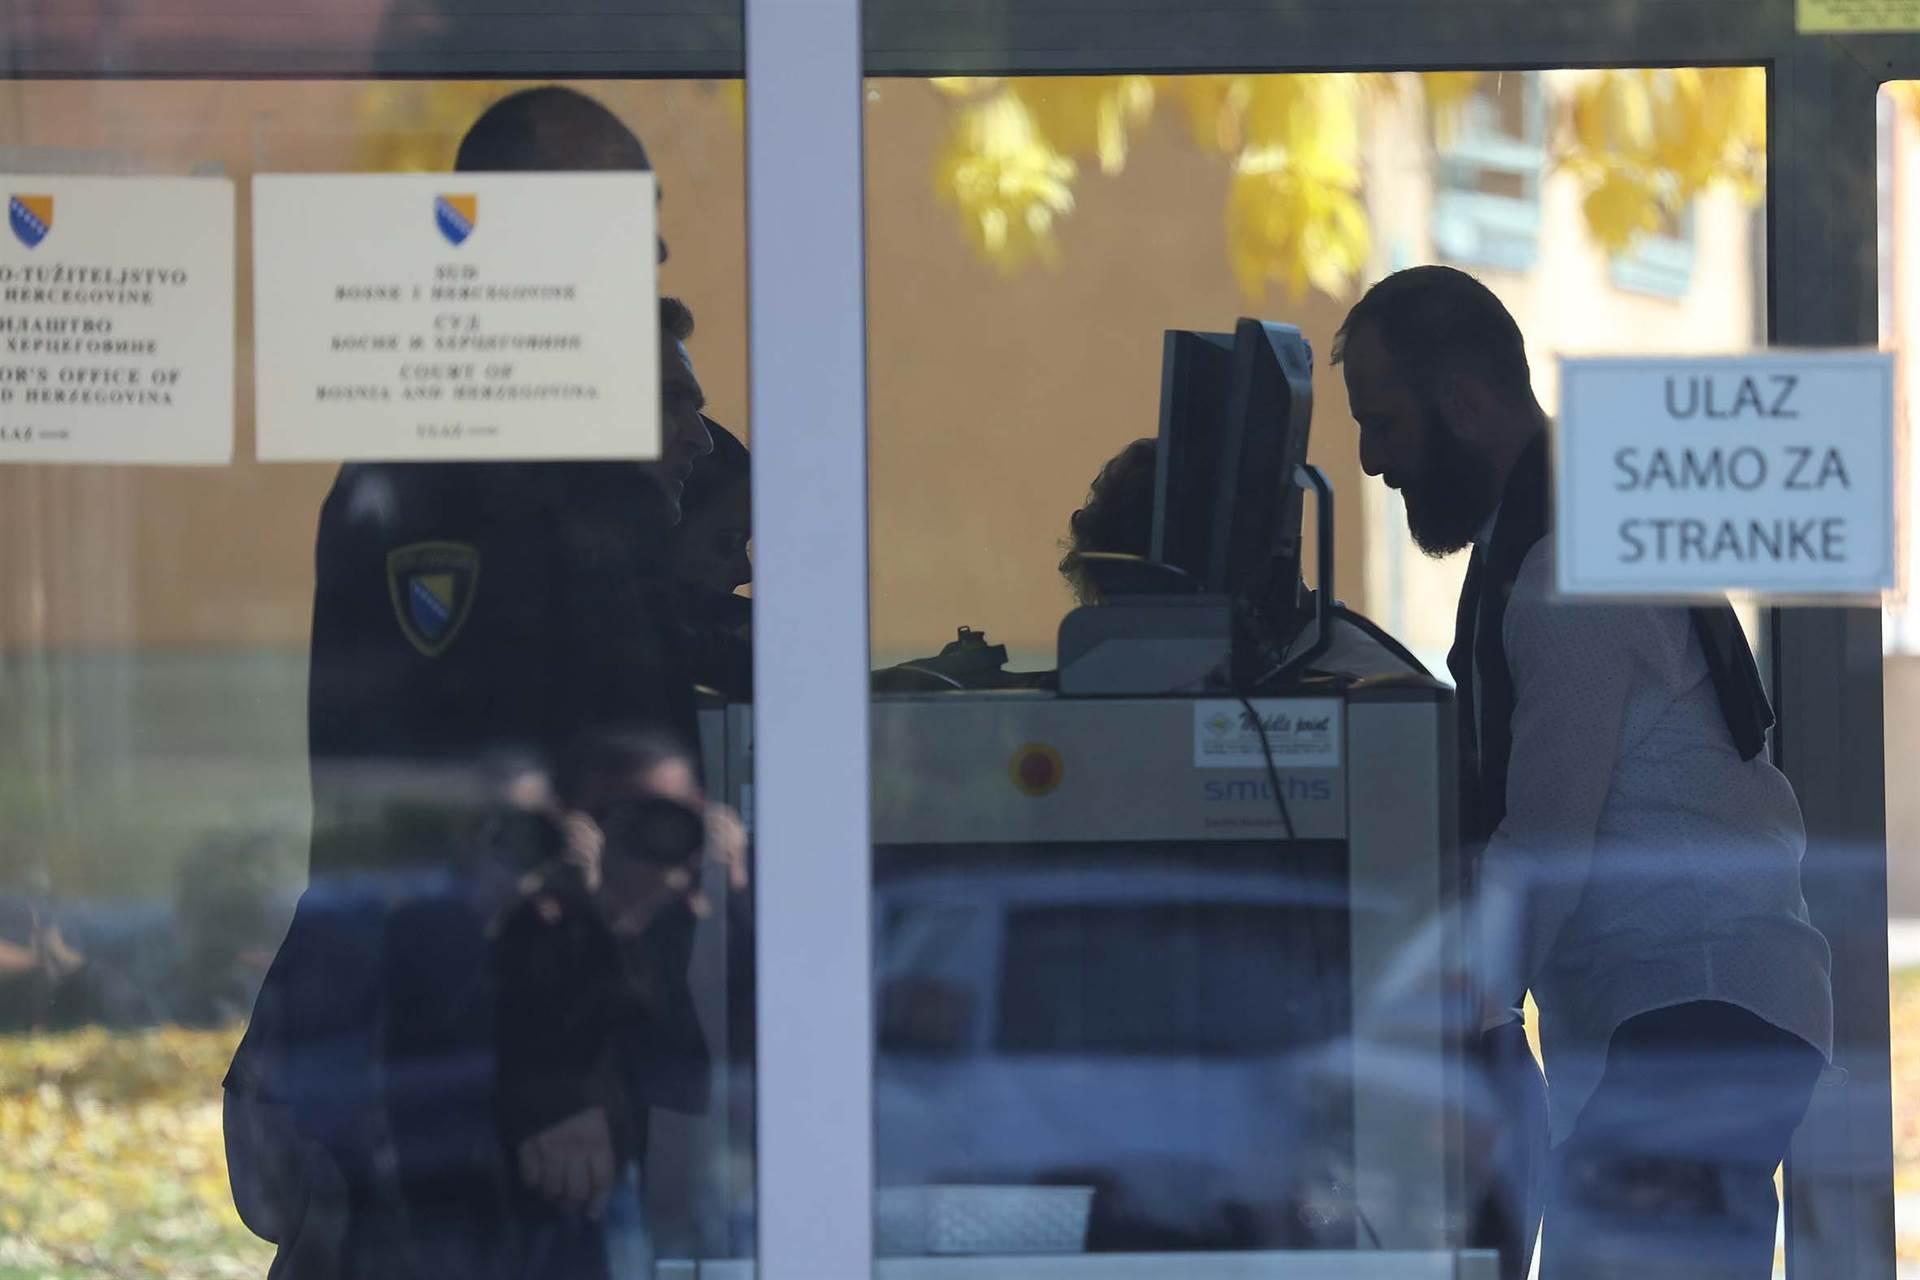 Potvrđena optužnica za pripremanje terorističkog napada